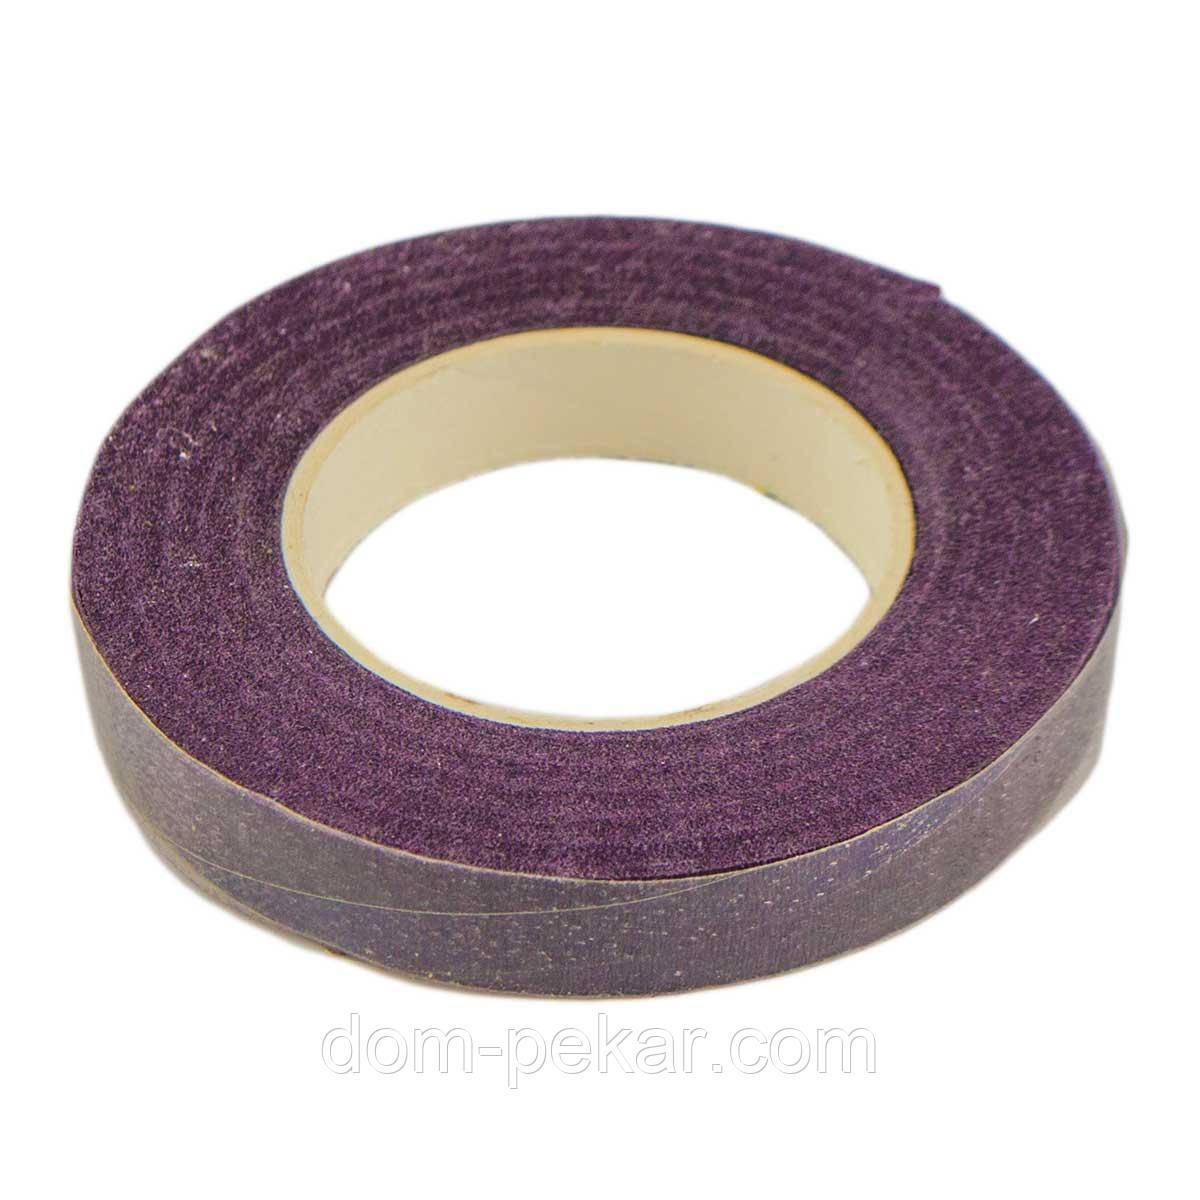 Тейп-лента Фиолетовая 1 см 92 м